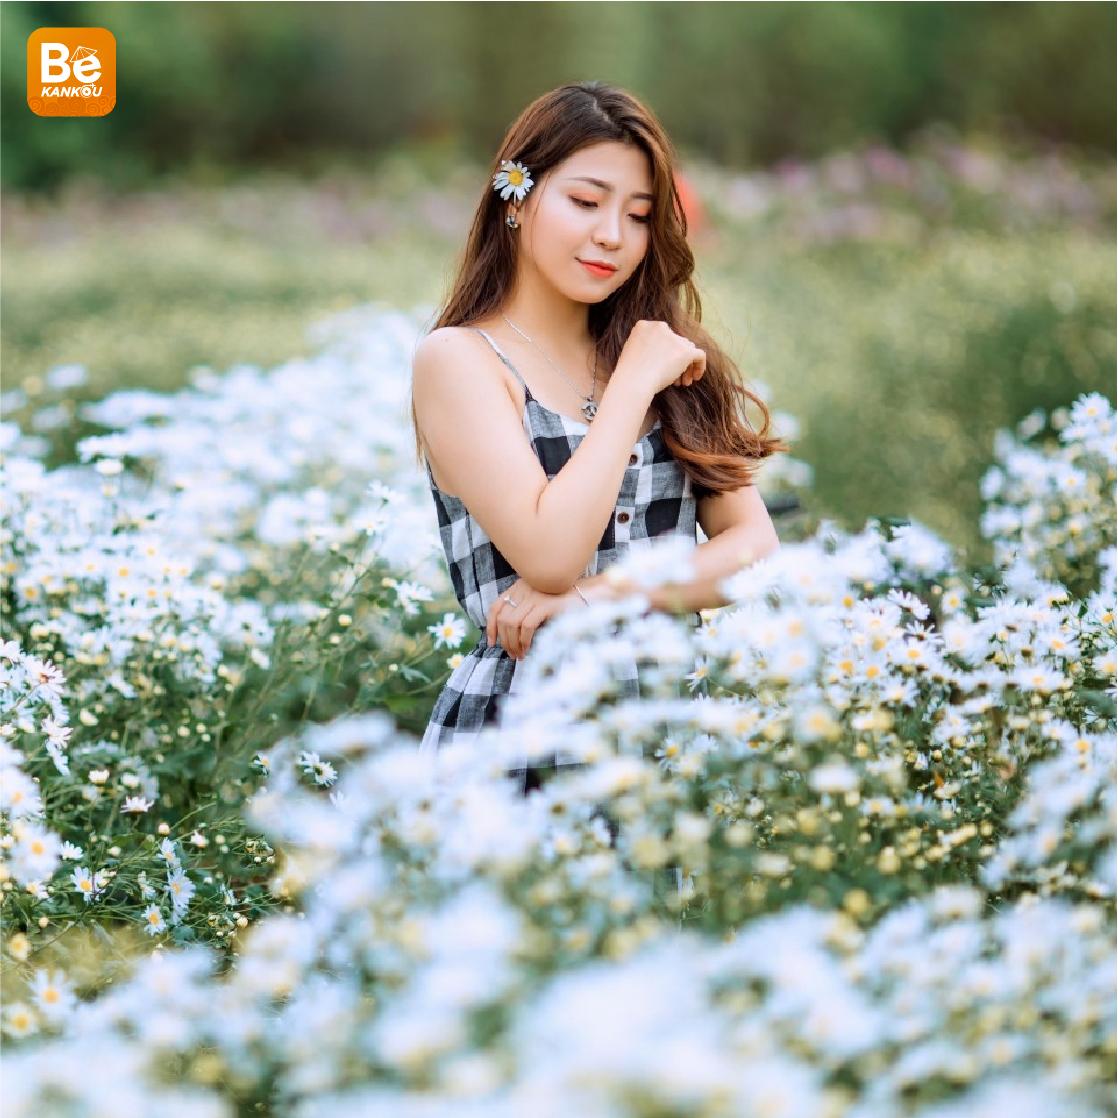 ハノイで最も美しいヒナギクの花園3選-115